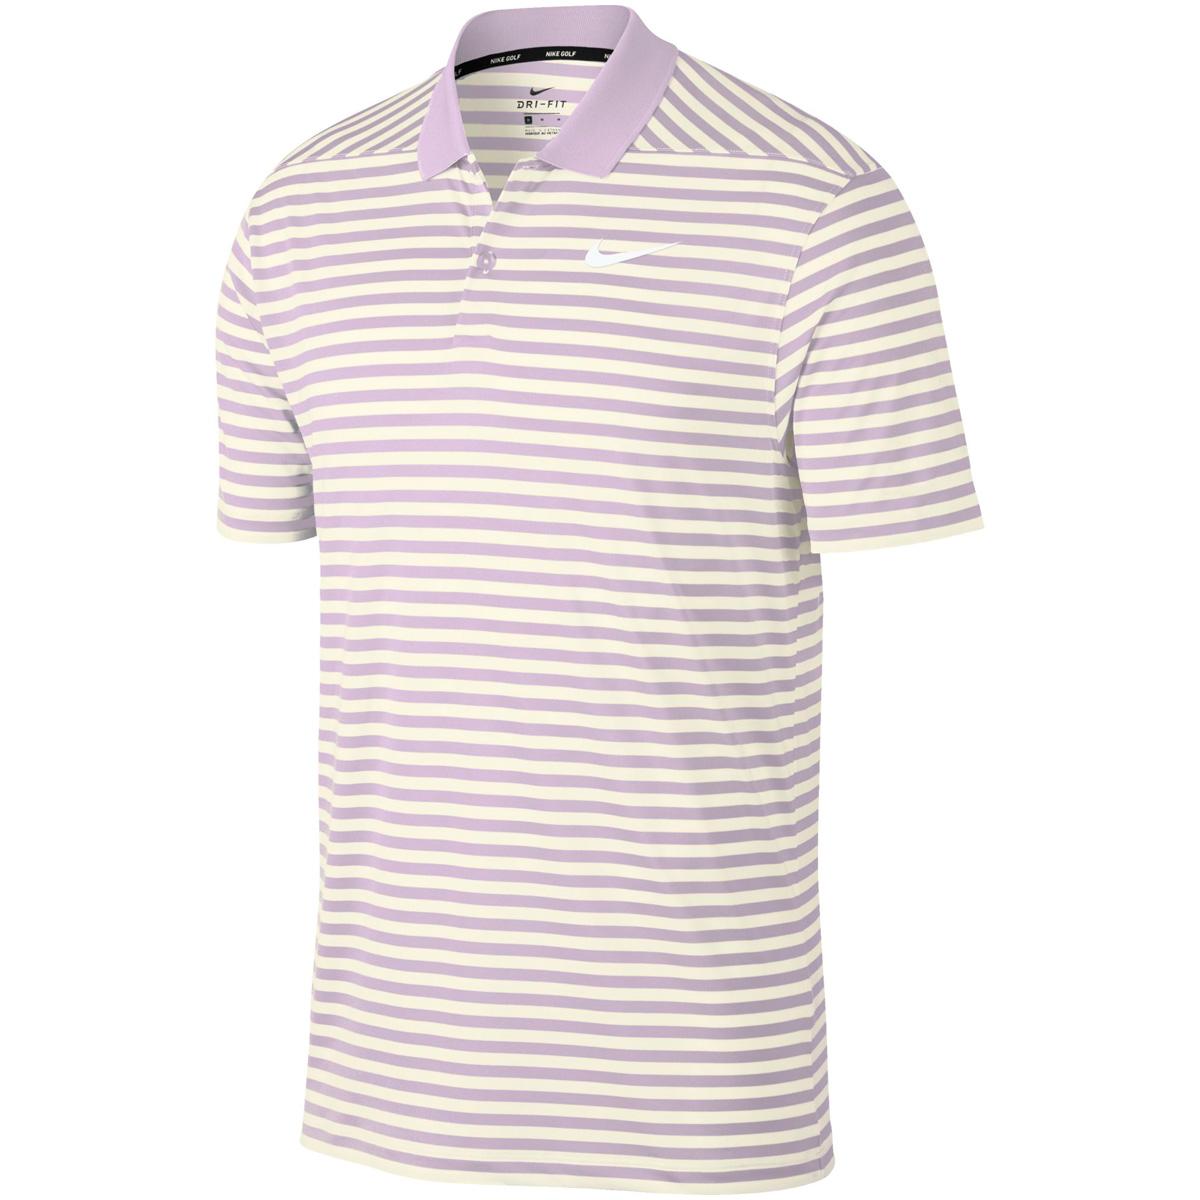 DRI-FIT ビクトリー ストライプLC 半袖ポロシャツ